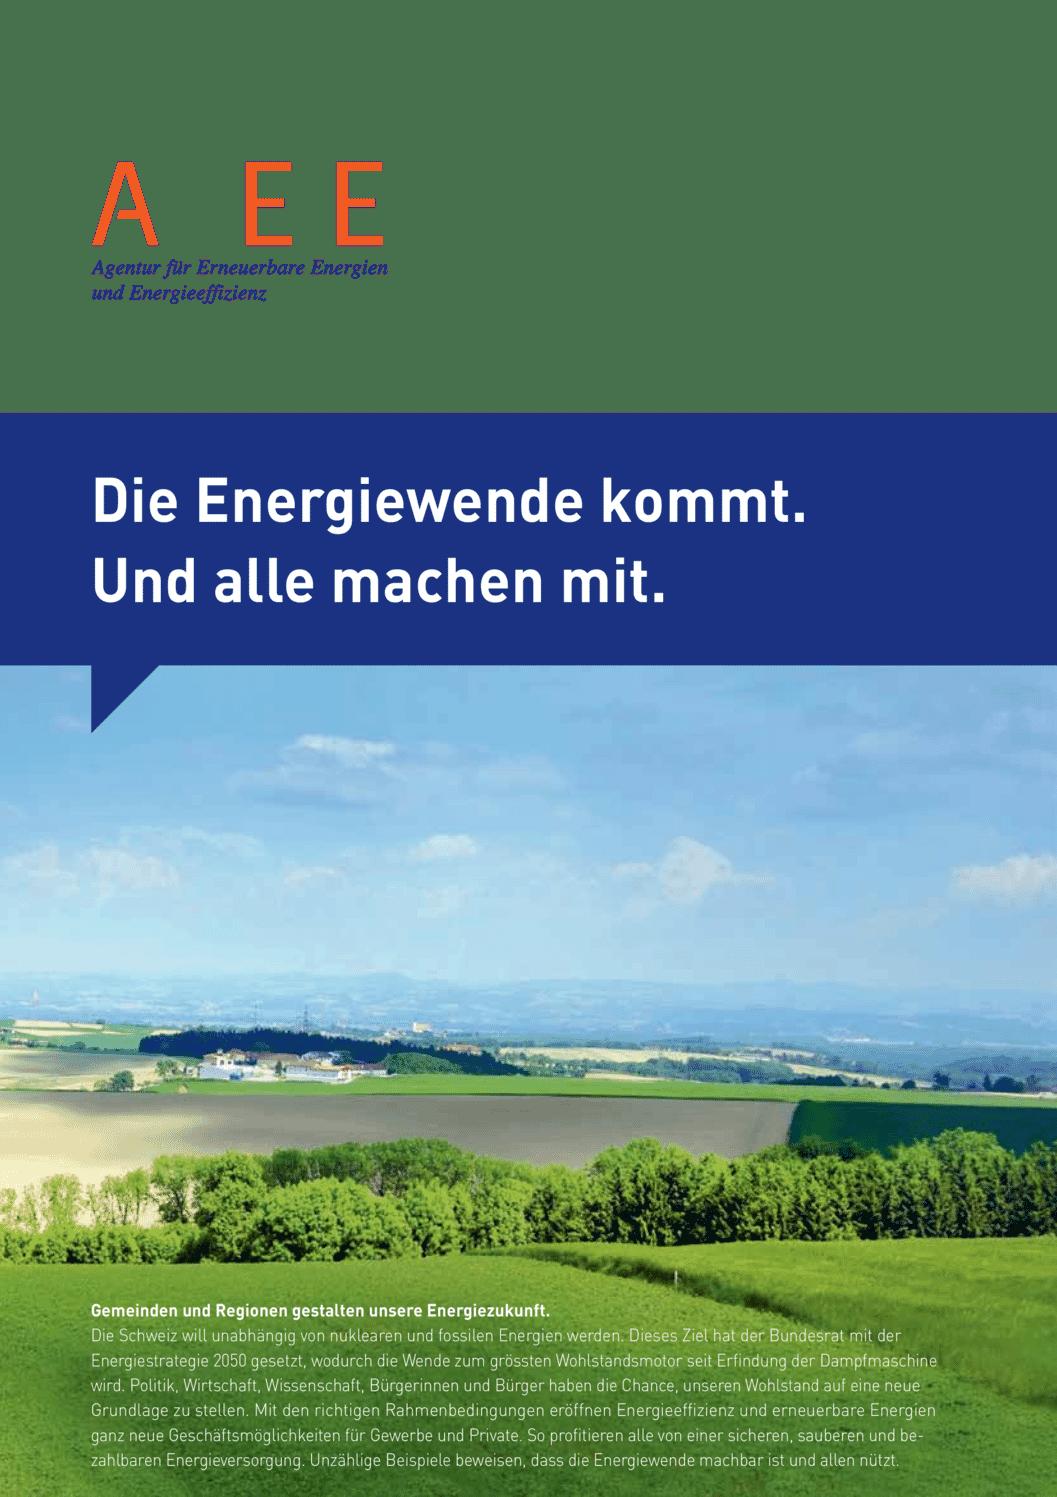 aee suisse Energiewende